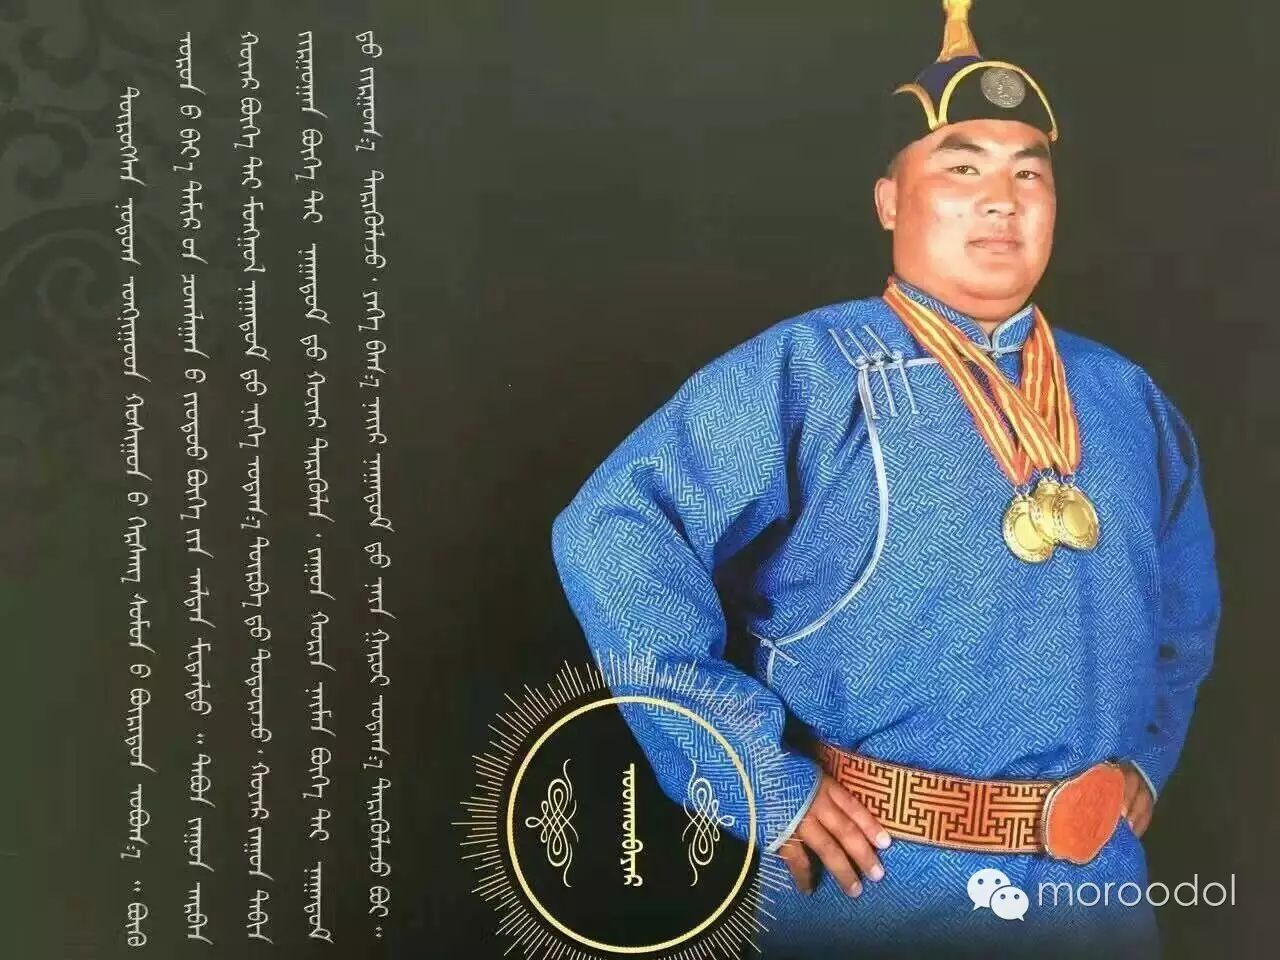 卐【蒙古博克】赤峰著名摔跤手及他们的战绩(图片) 第12张 卐【蒙古博克】赤峰著名摔跤手及他们的战绩(图片) 蒙古文化